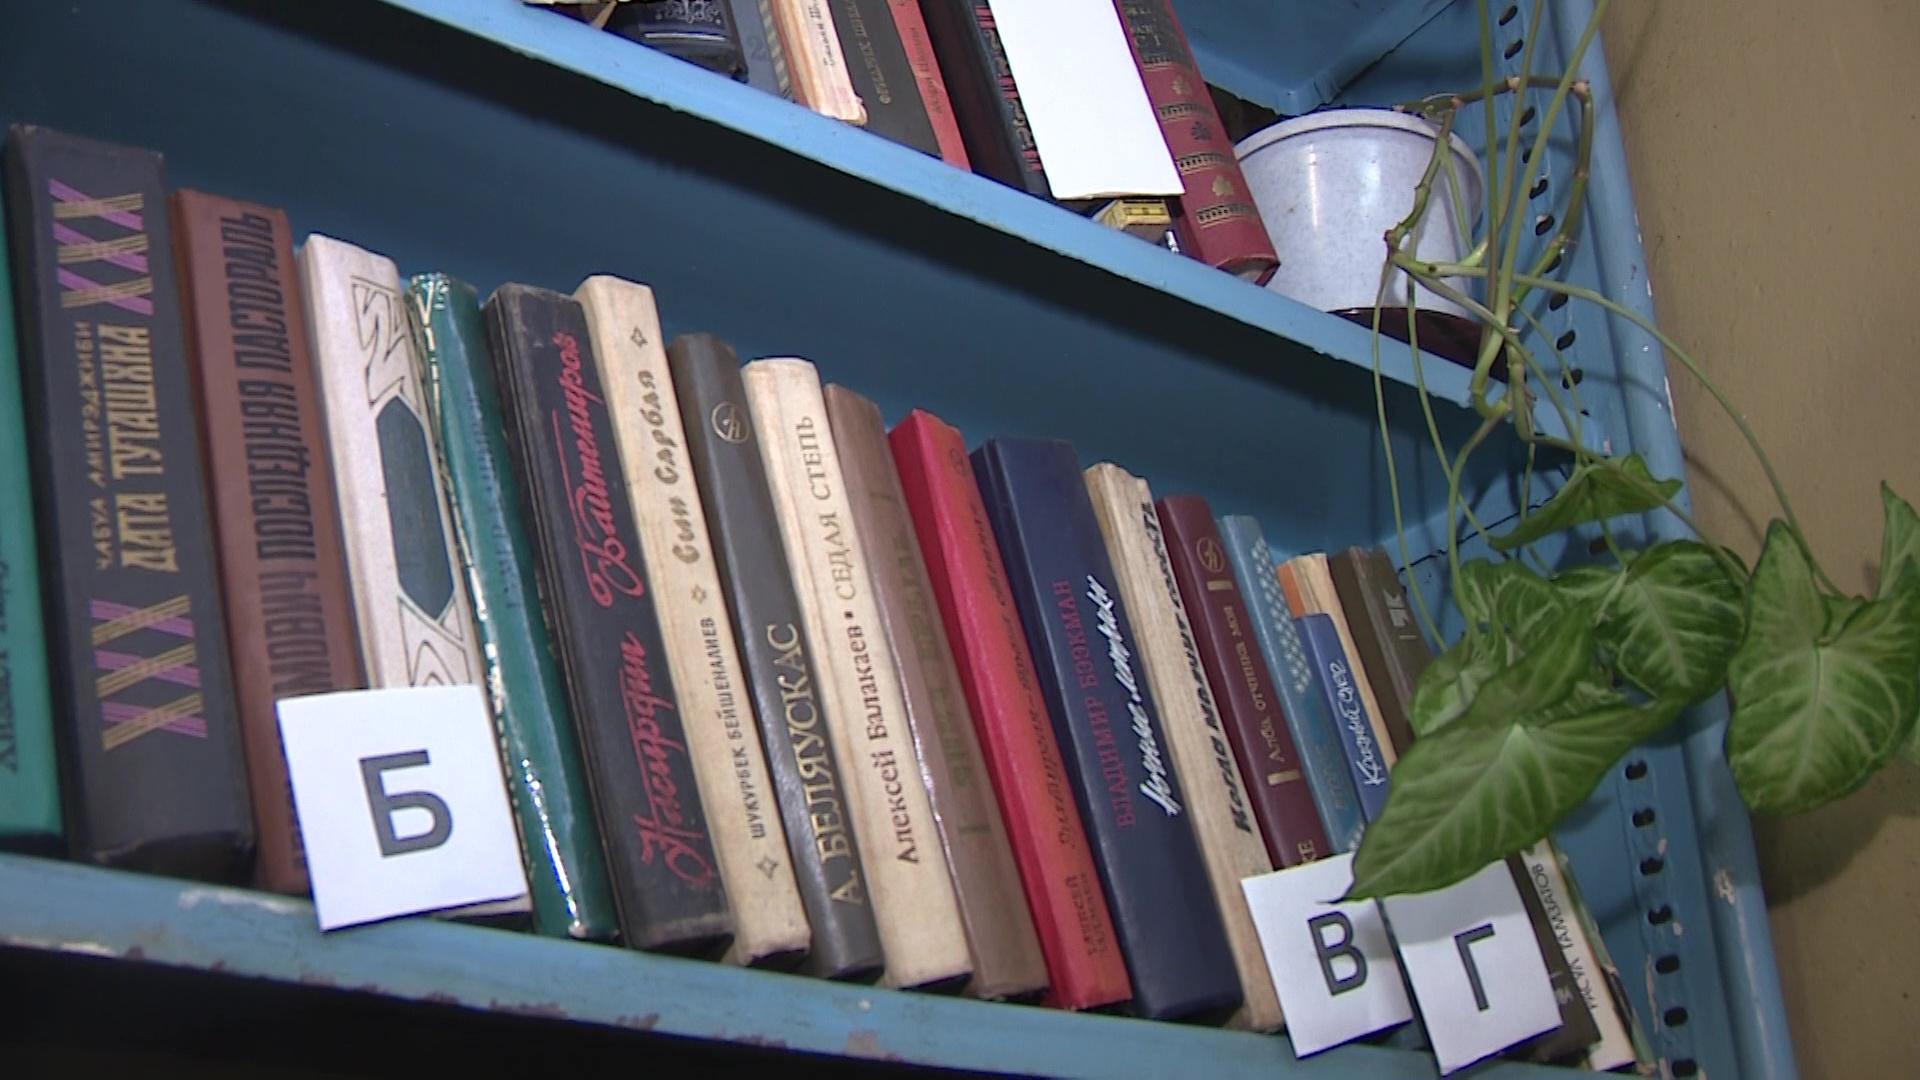 Юные читатели Белосельской библиотеки ждут новые книги: как их можно передать